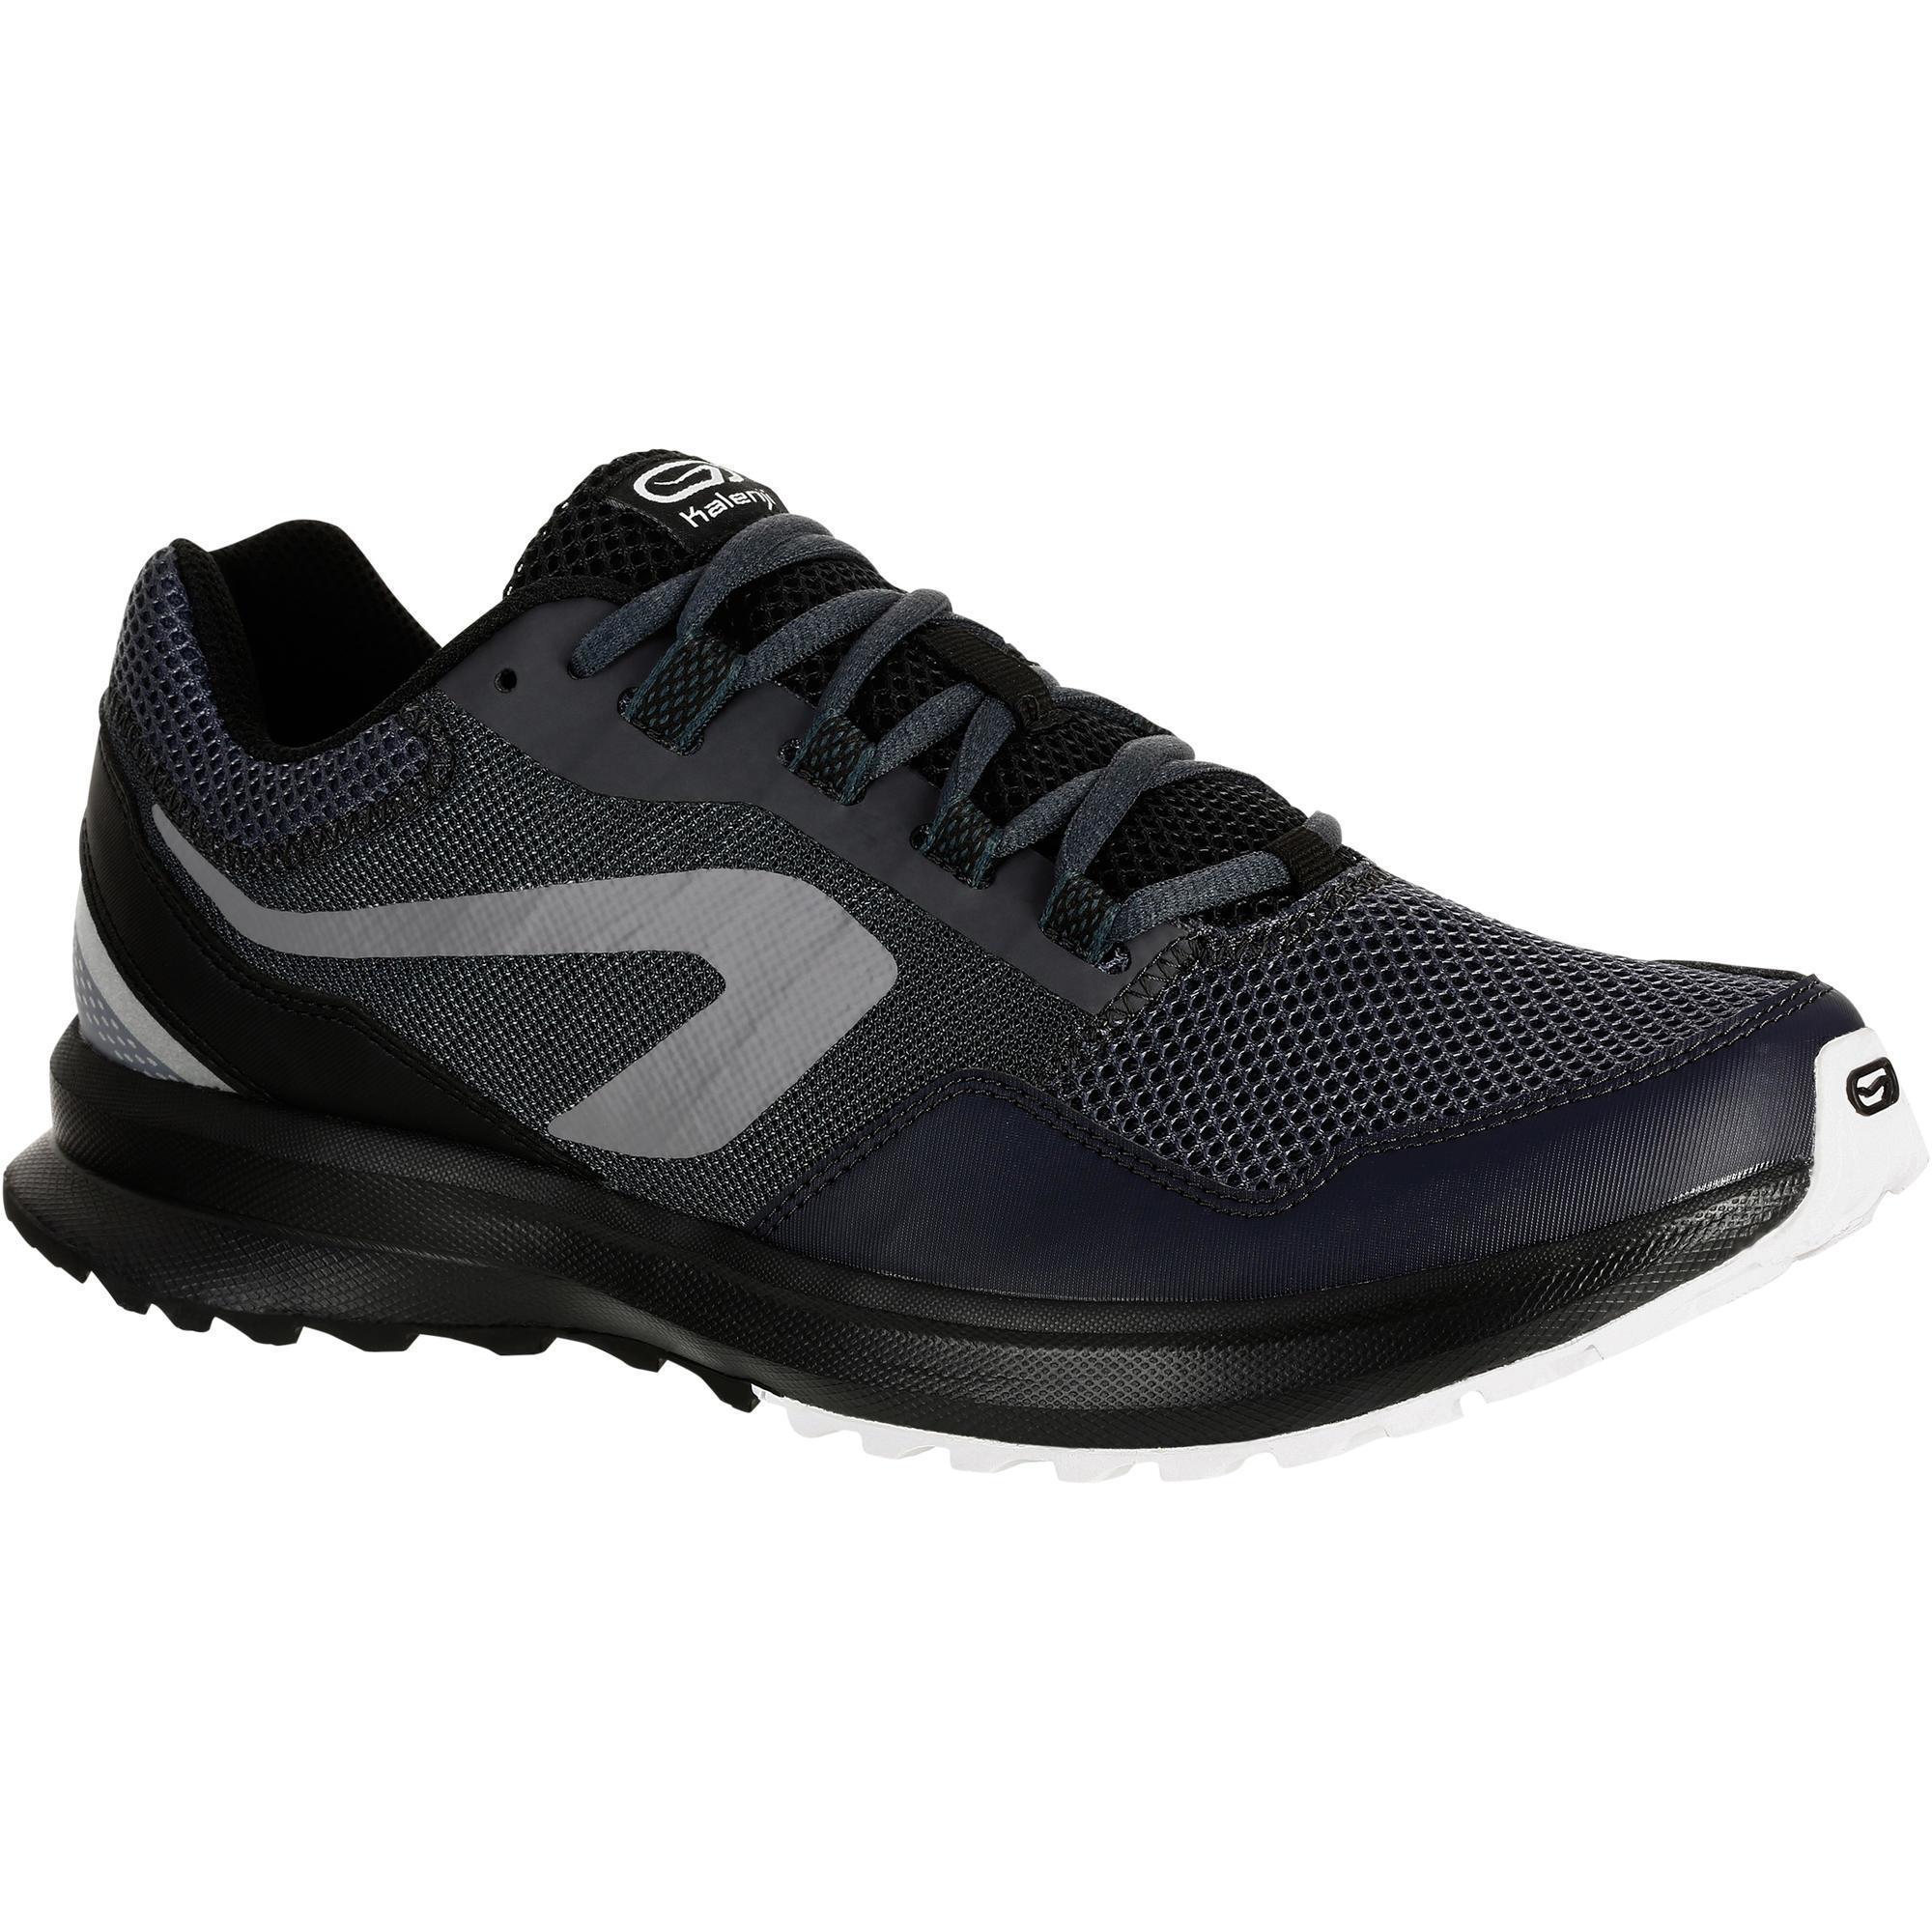 Kalenji Hardloopschoenen voor heren Run Active Grip grijs/zwart